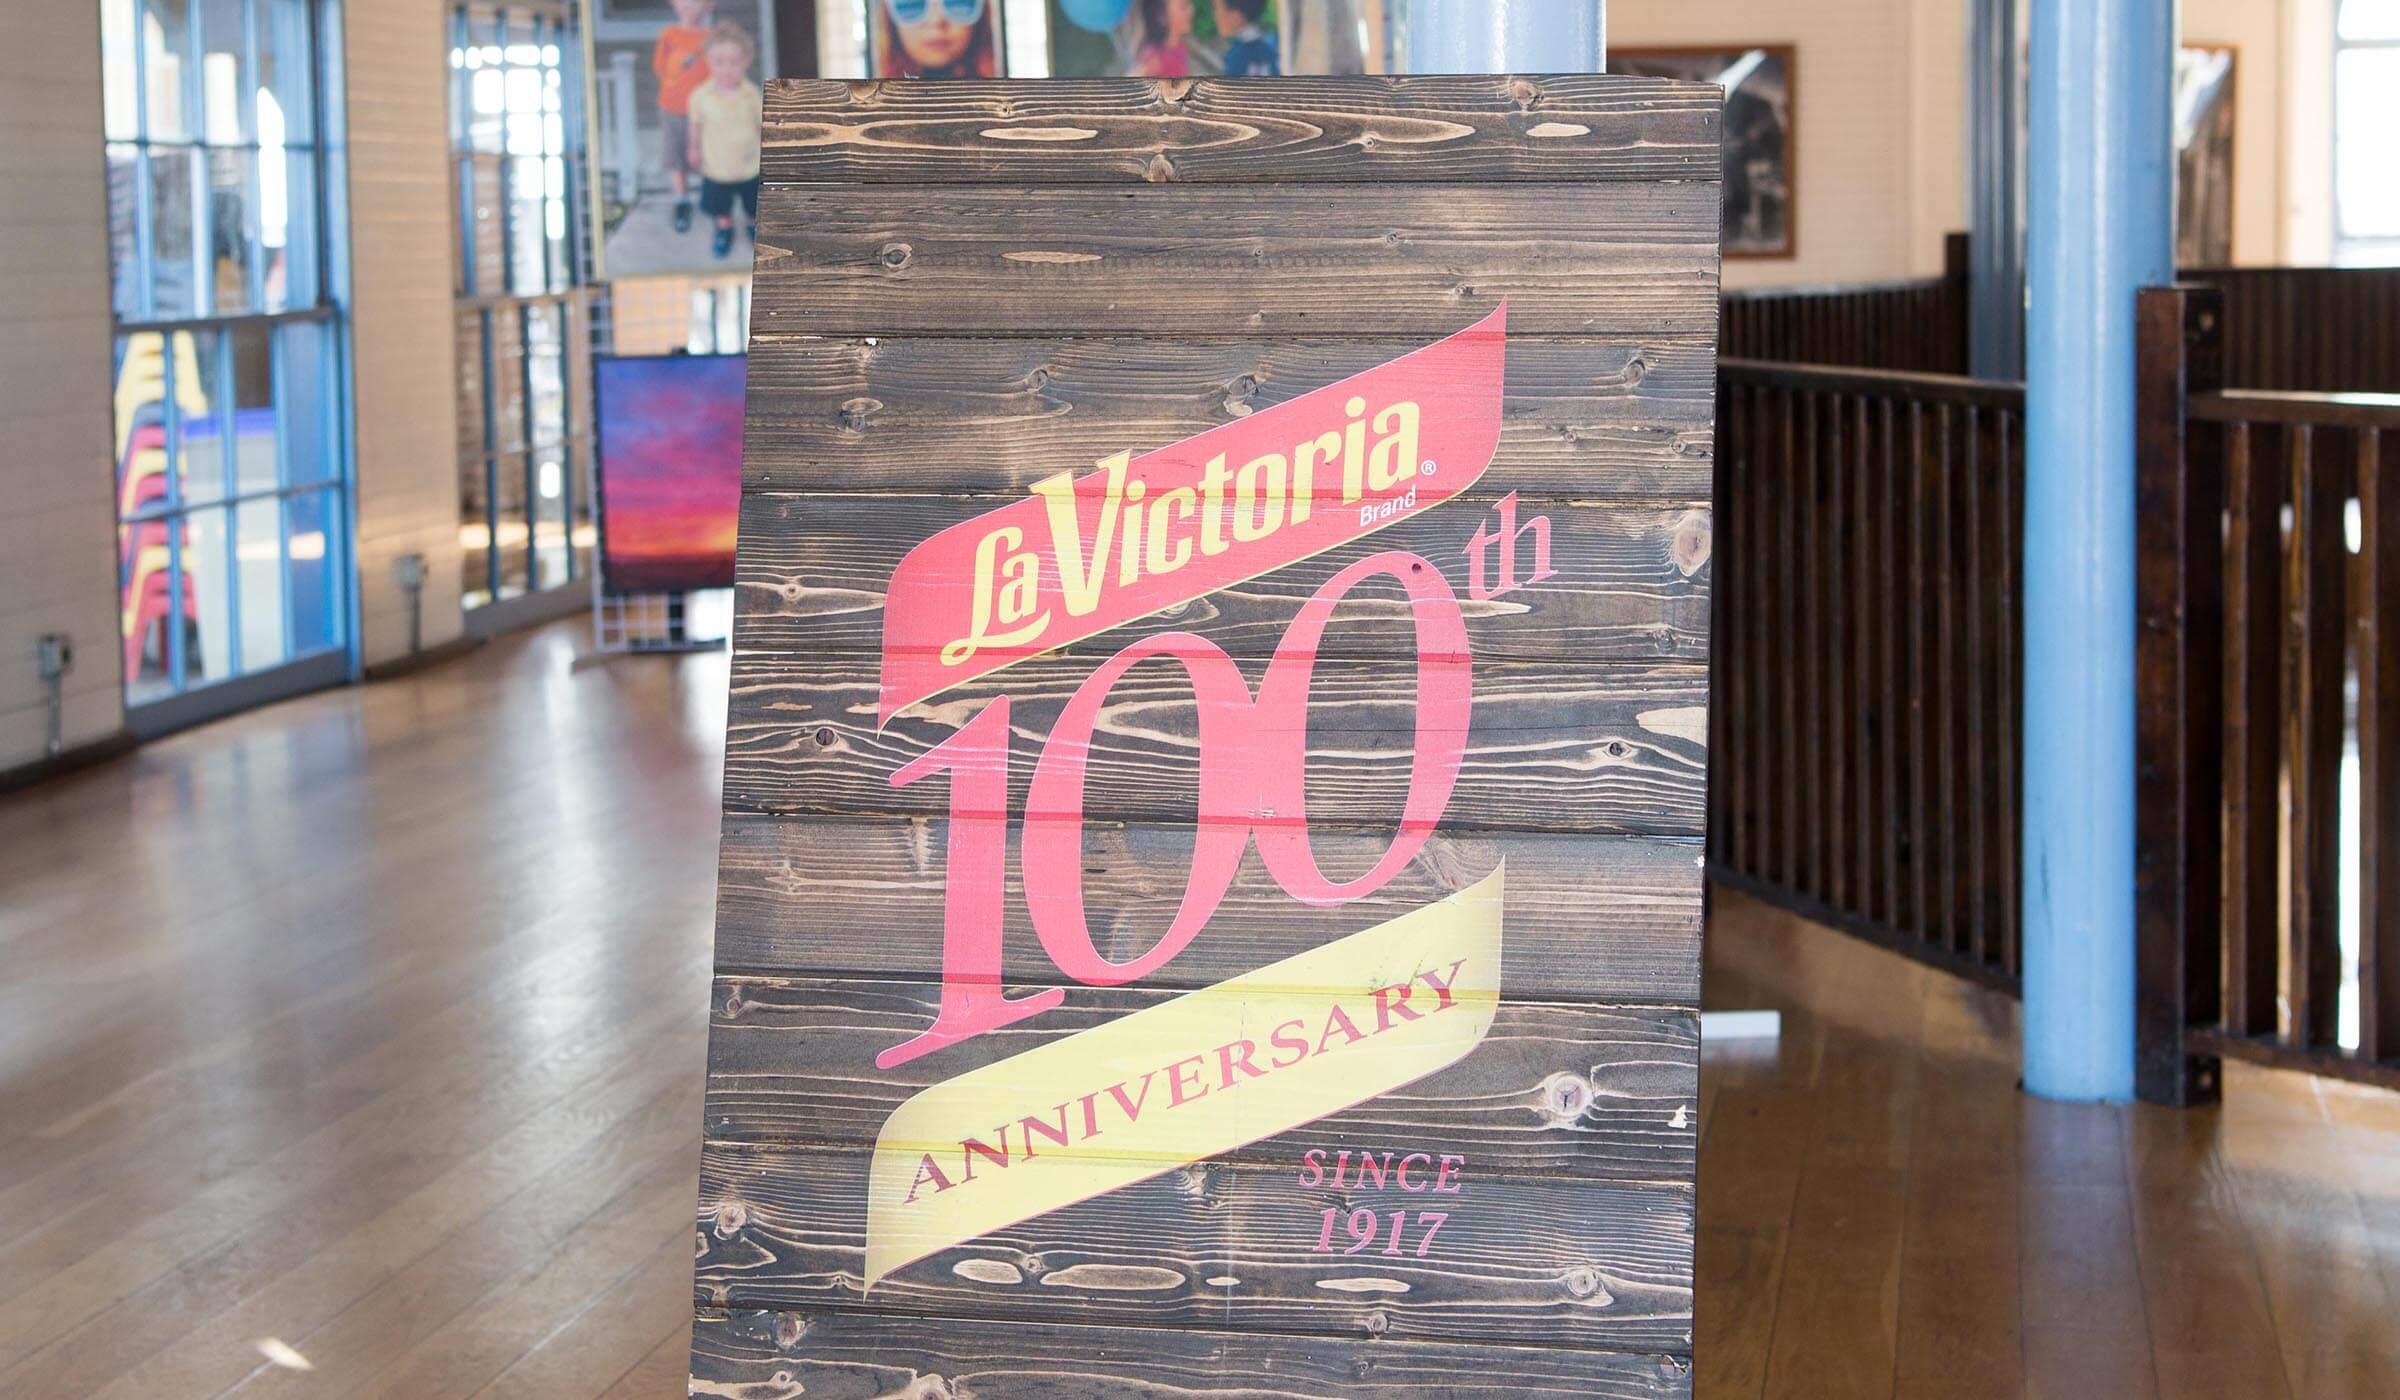 100 years of la victoria